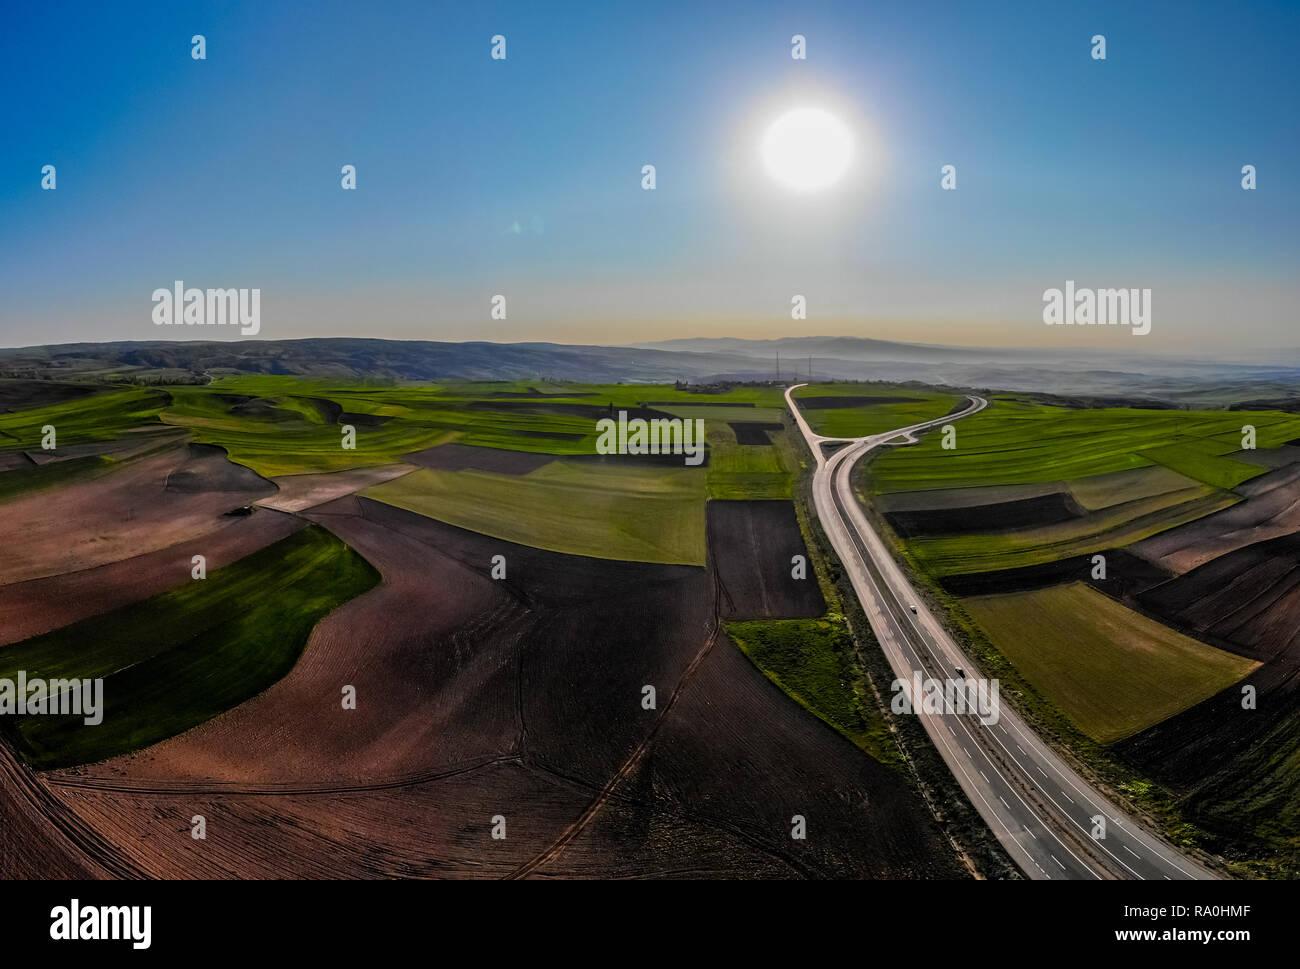 La belle vue de drone champs agricoles au printemps Banque D'Images